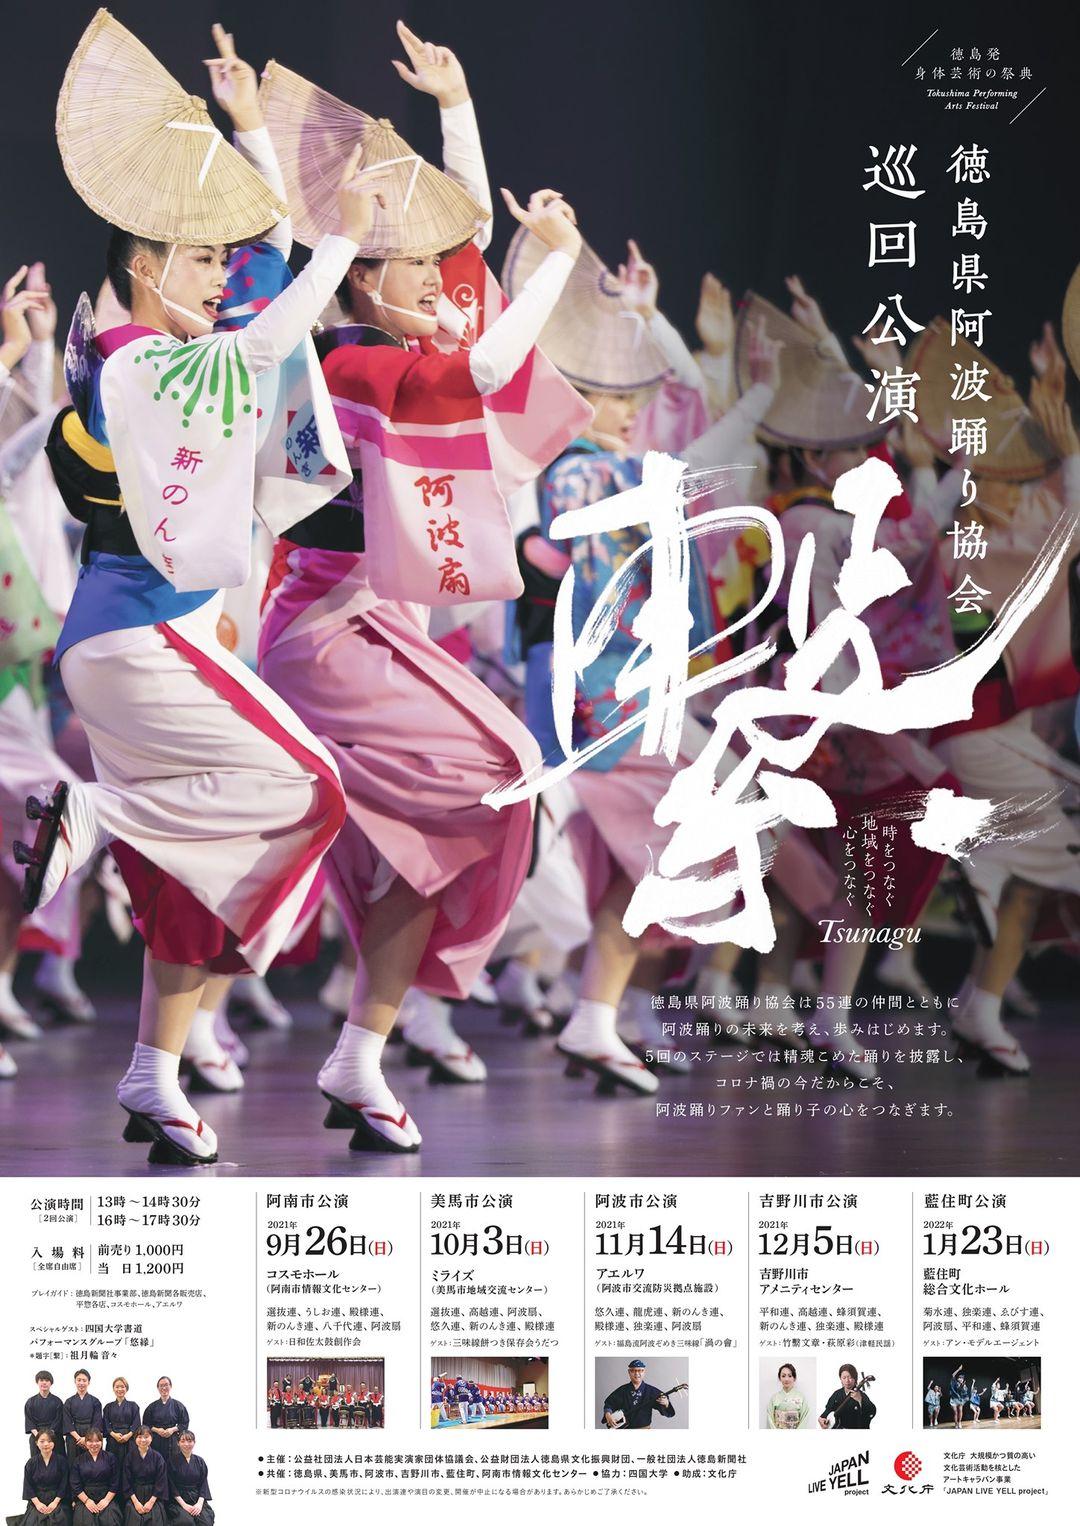 徳島県阿波踊り協会巡回公演「繋」